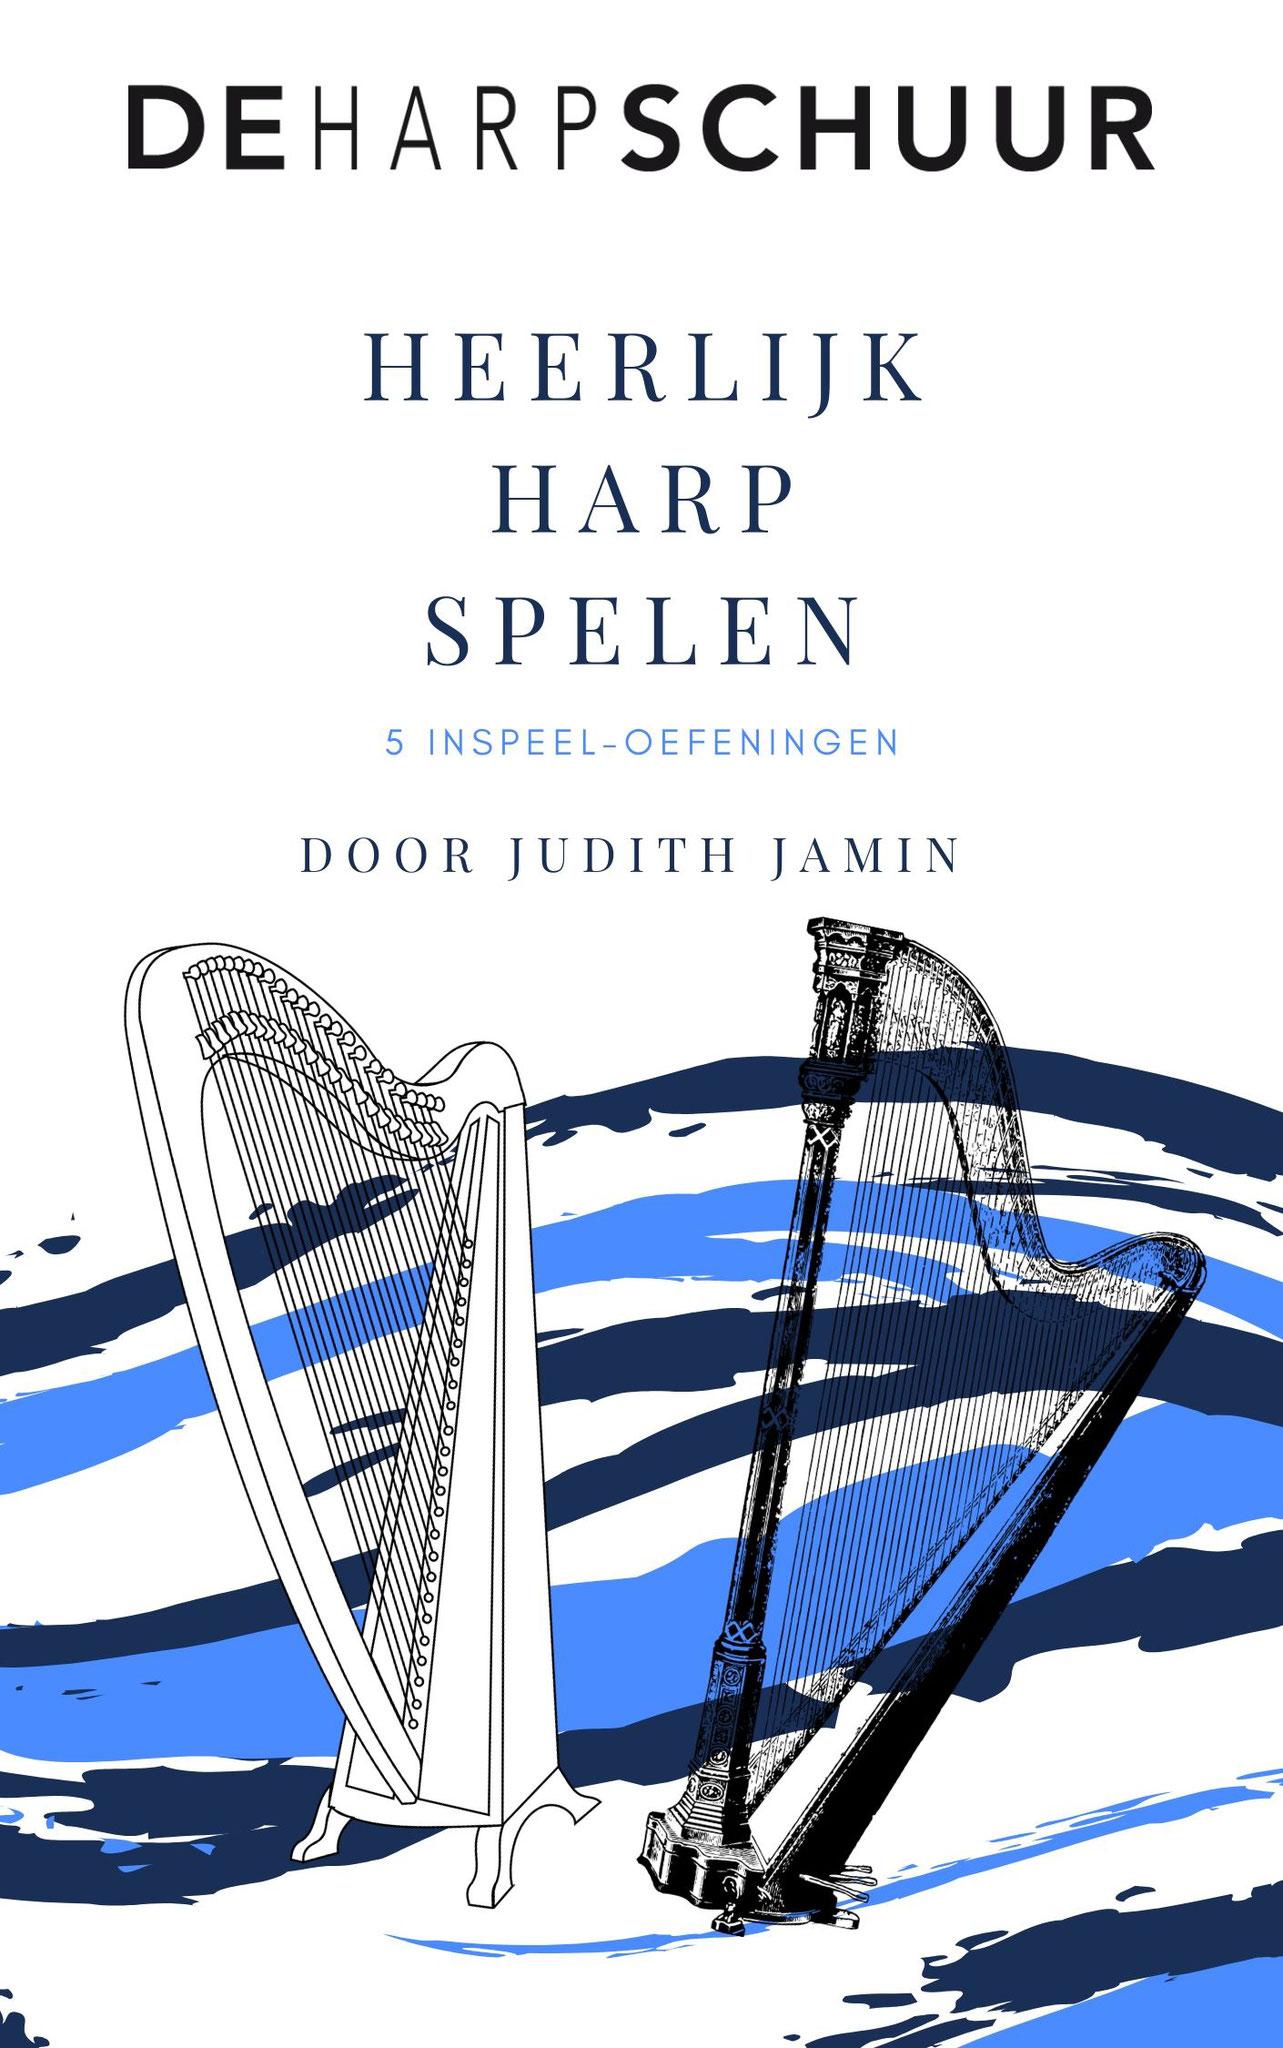 Ontvang 5 weken lang iedere week een heerlijke inspeel oefening, speciaal voor gevorderde harpisten.